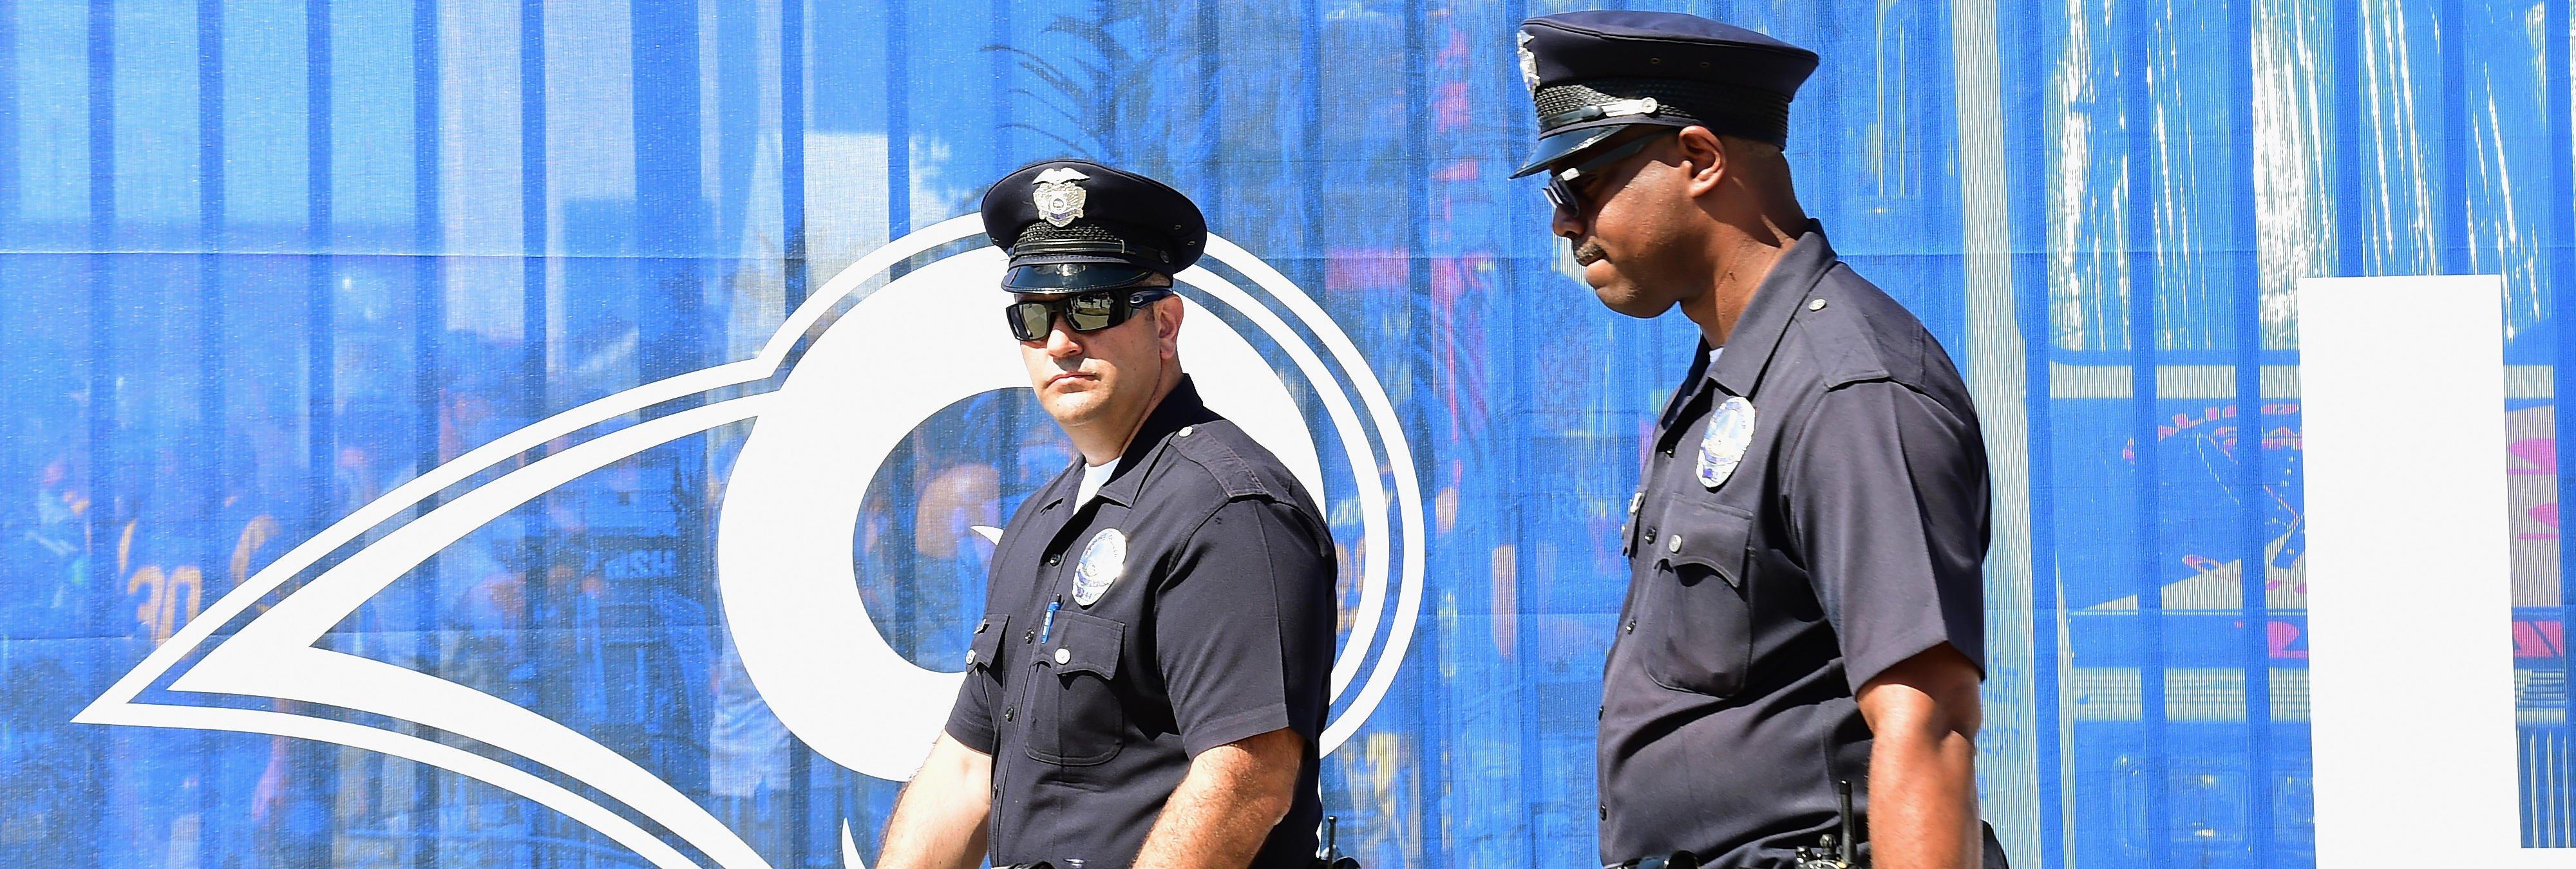 Un policía mata a un niño negro por apuntarle con una pistola de juguete